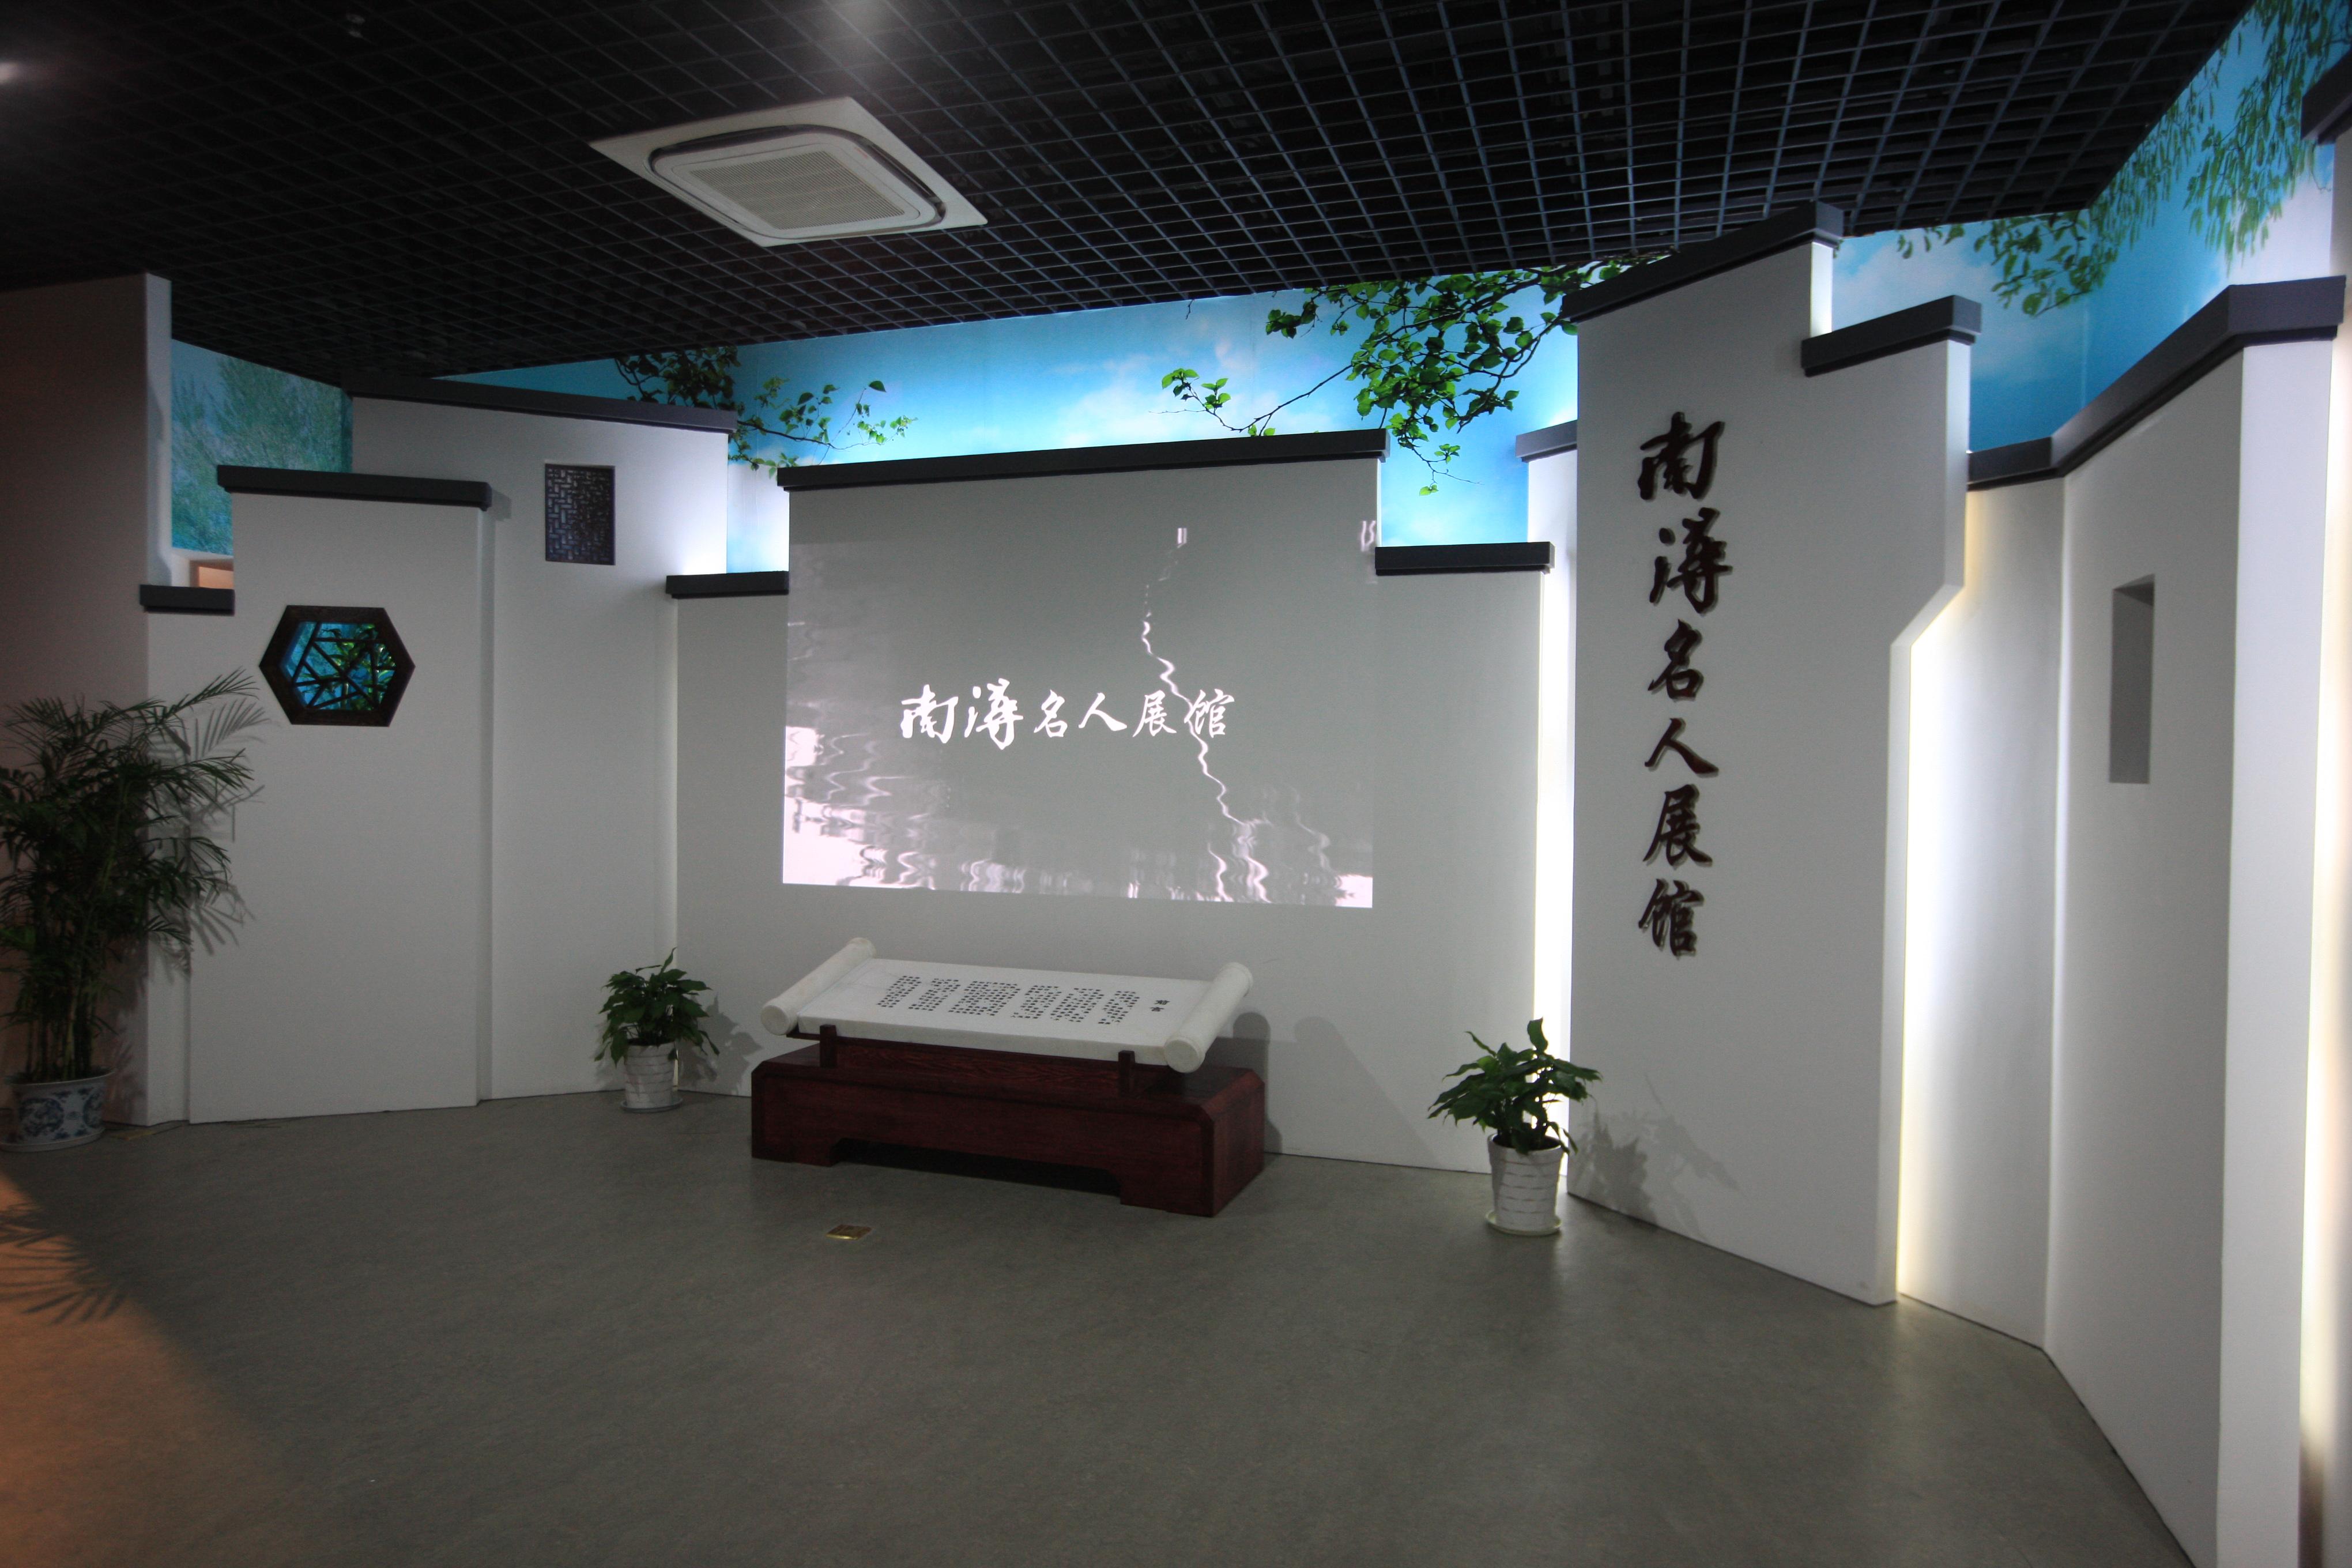 凯时名人展馆被命名全区第一批现场教学基地